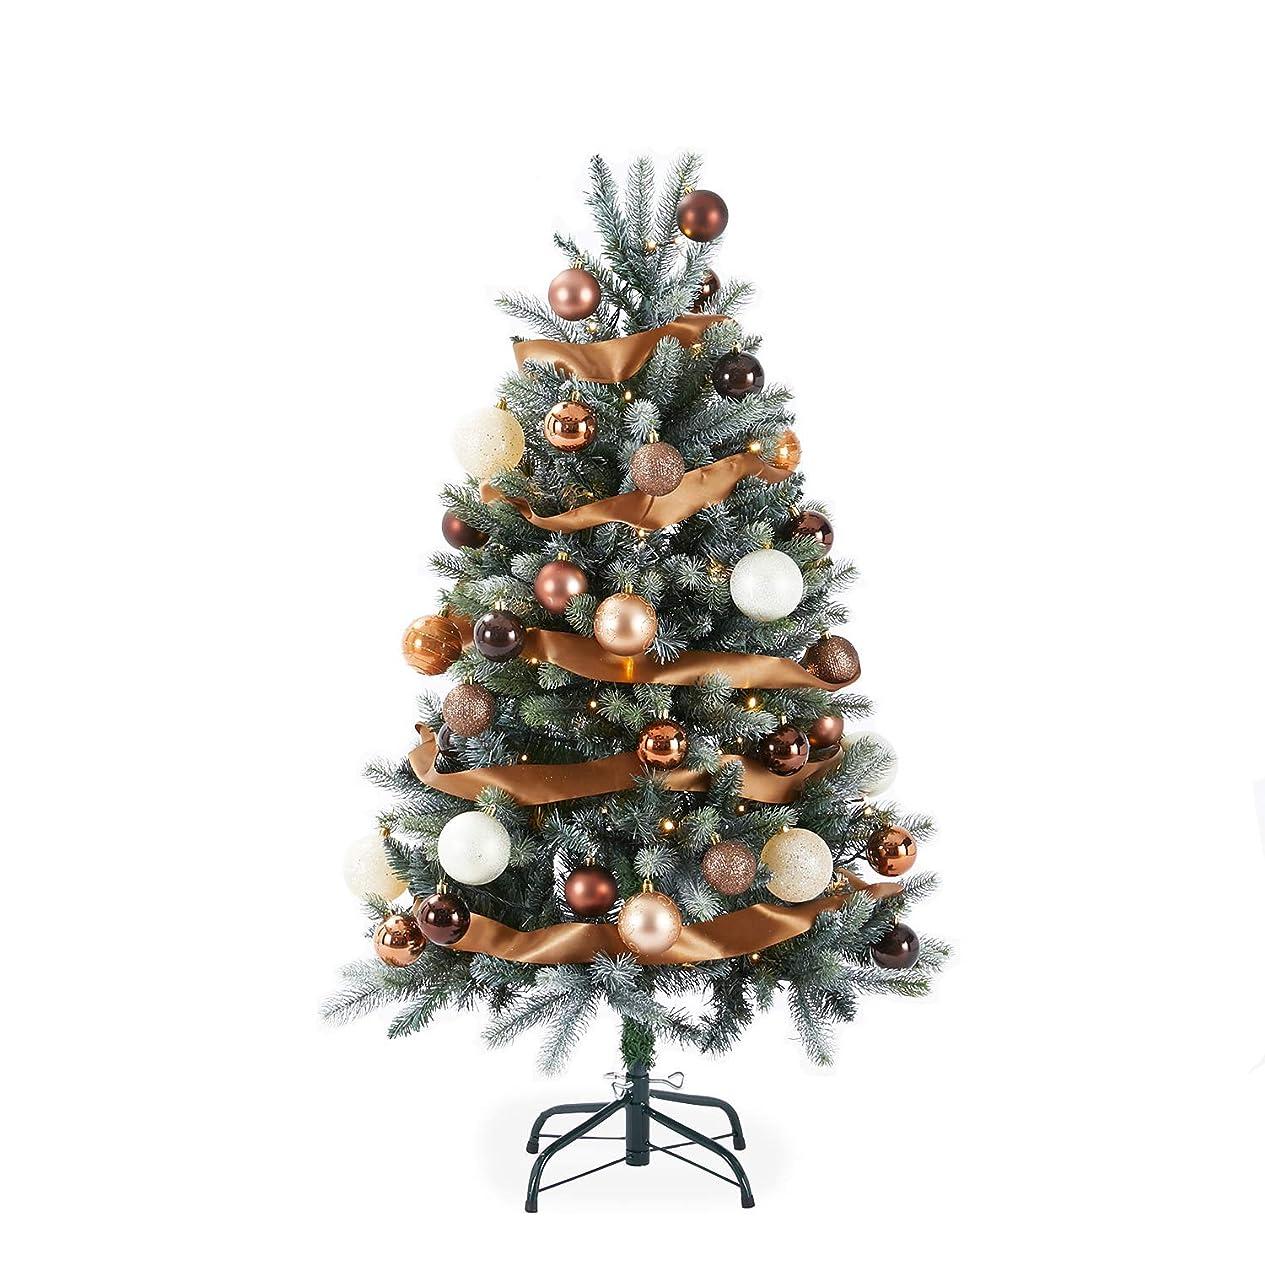 チャペル木曜日レンドLOWYA クリスマスツリー ツリー チョコレート色 オーナメントセット 120cm